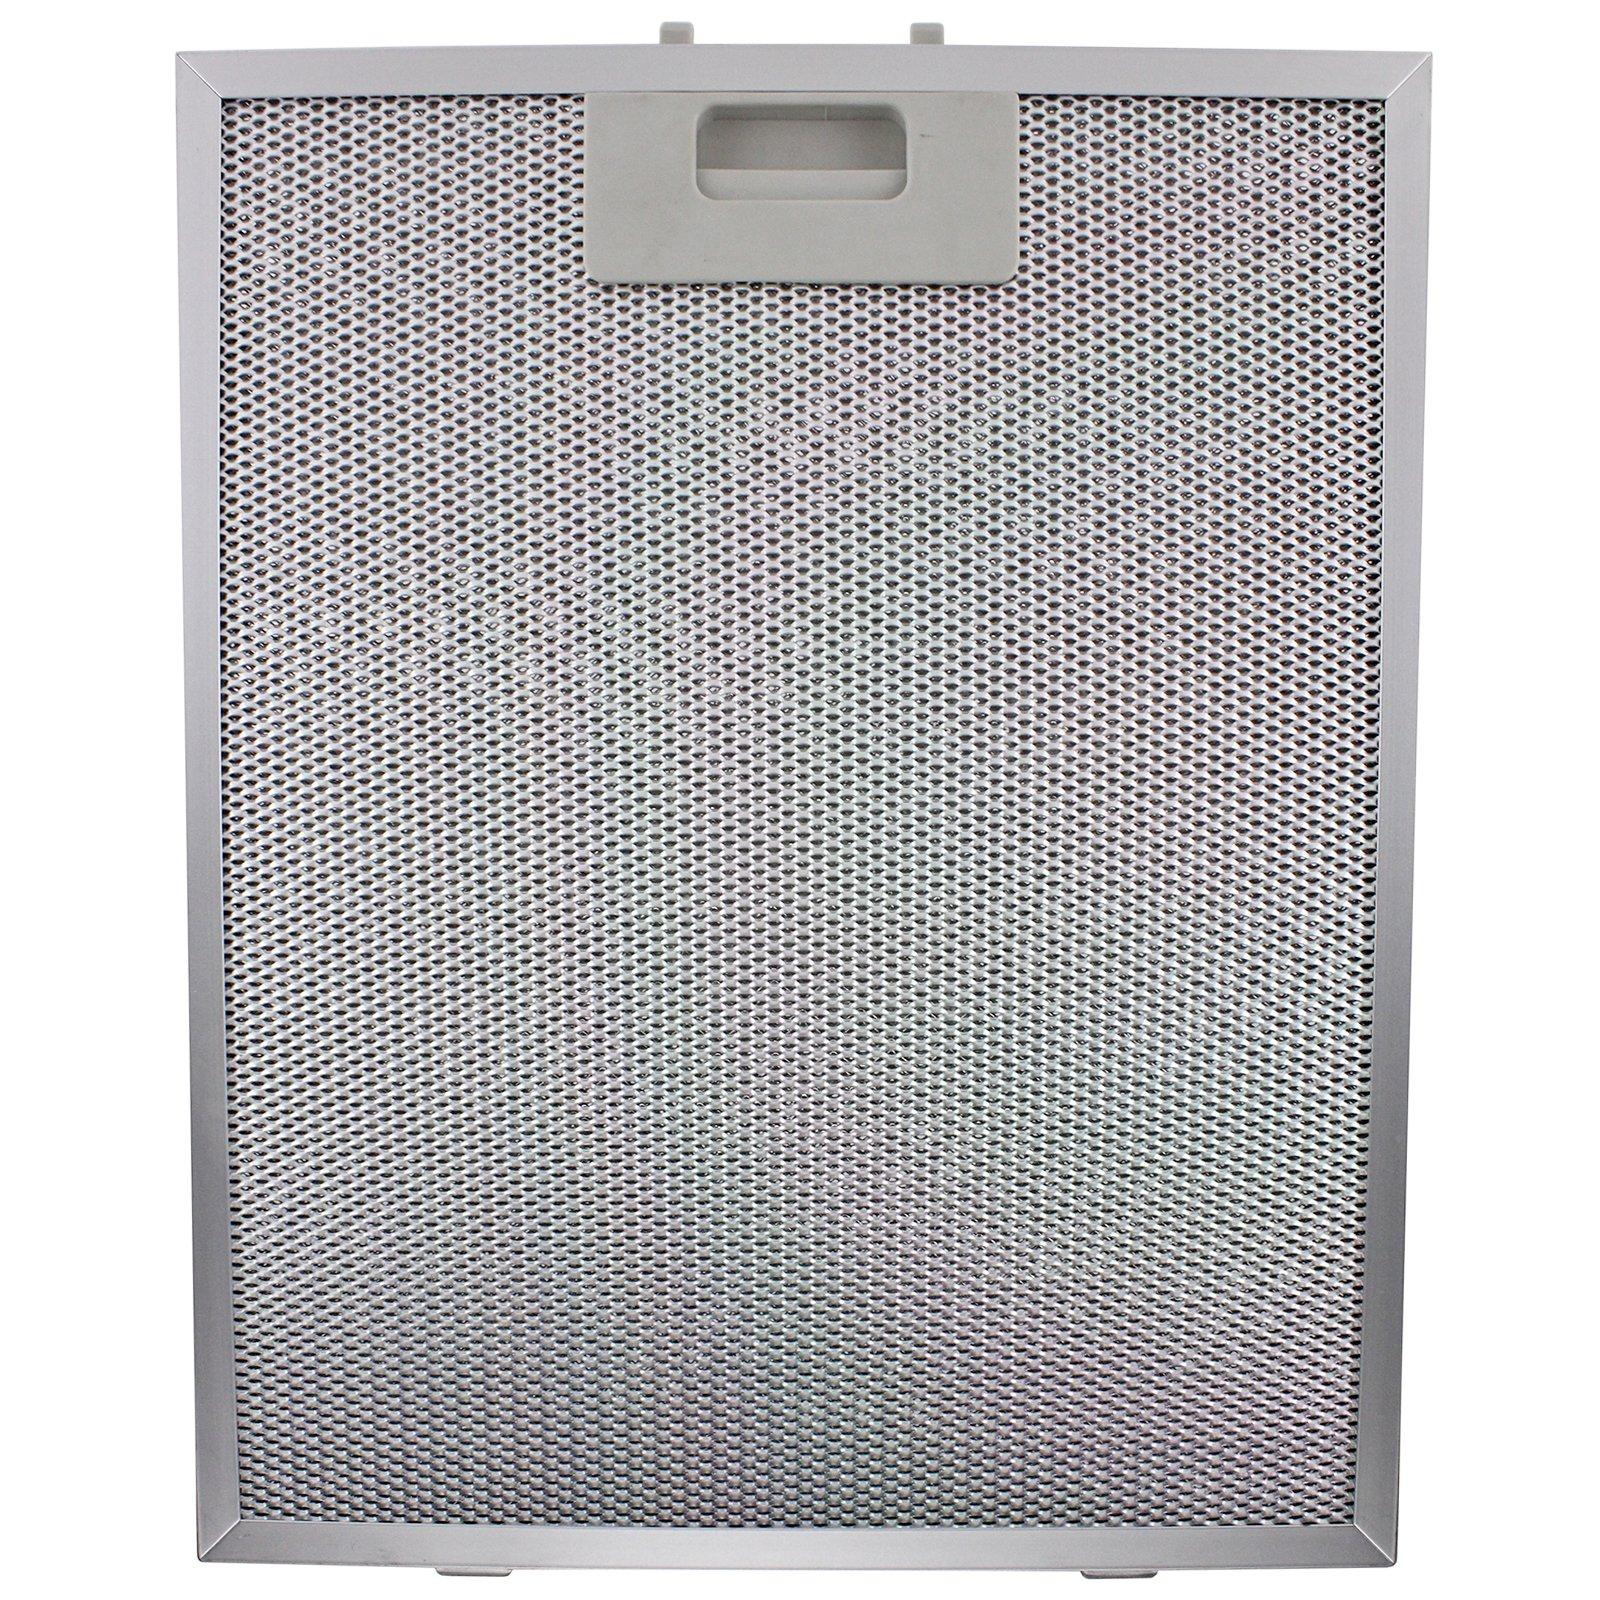 Spares2go Turboair Filtro per grasso, per cappa da cucina, motivo: Elica, colore: argento, 320 x 26